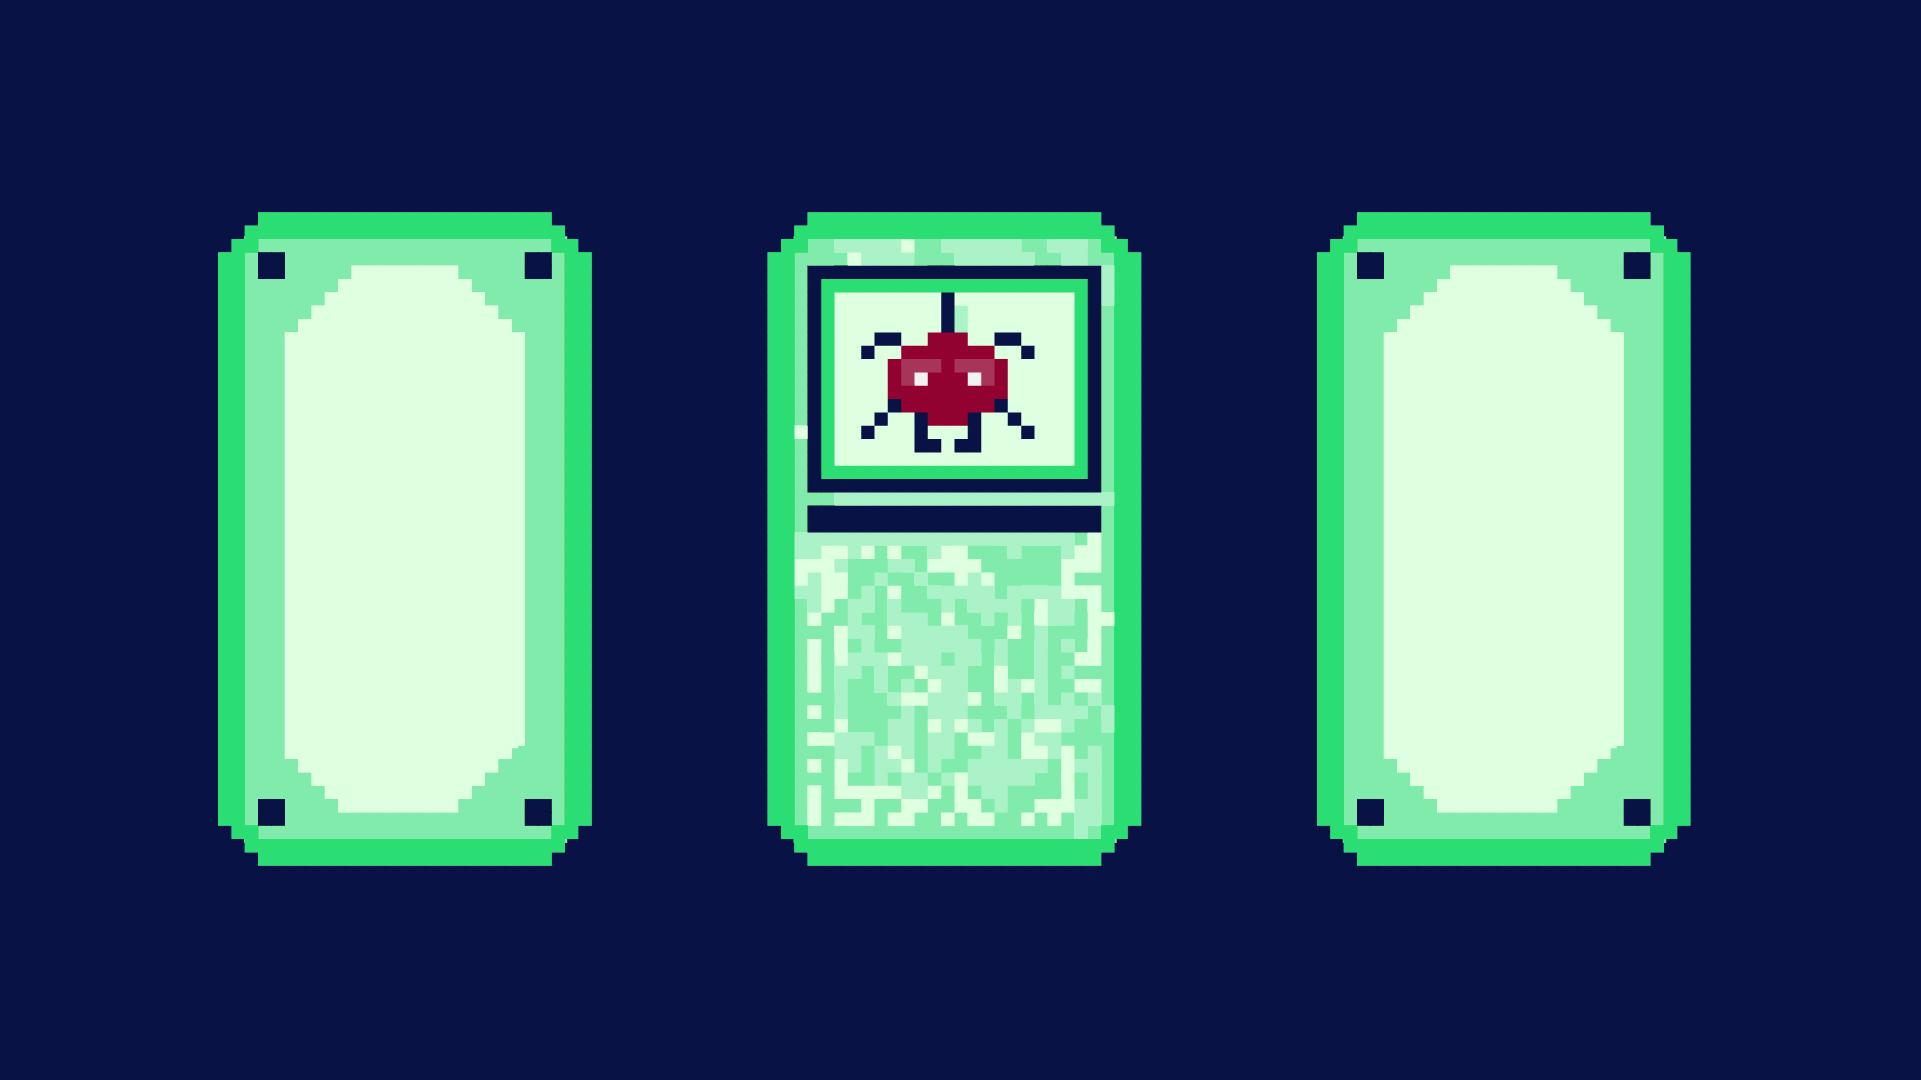 Kickstarter_Boards_3-04.jpg